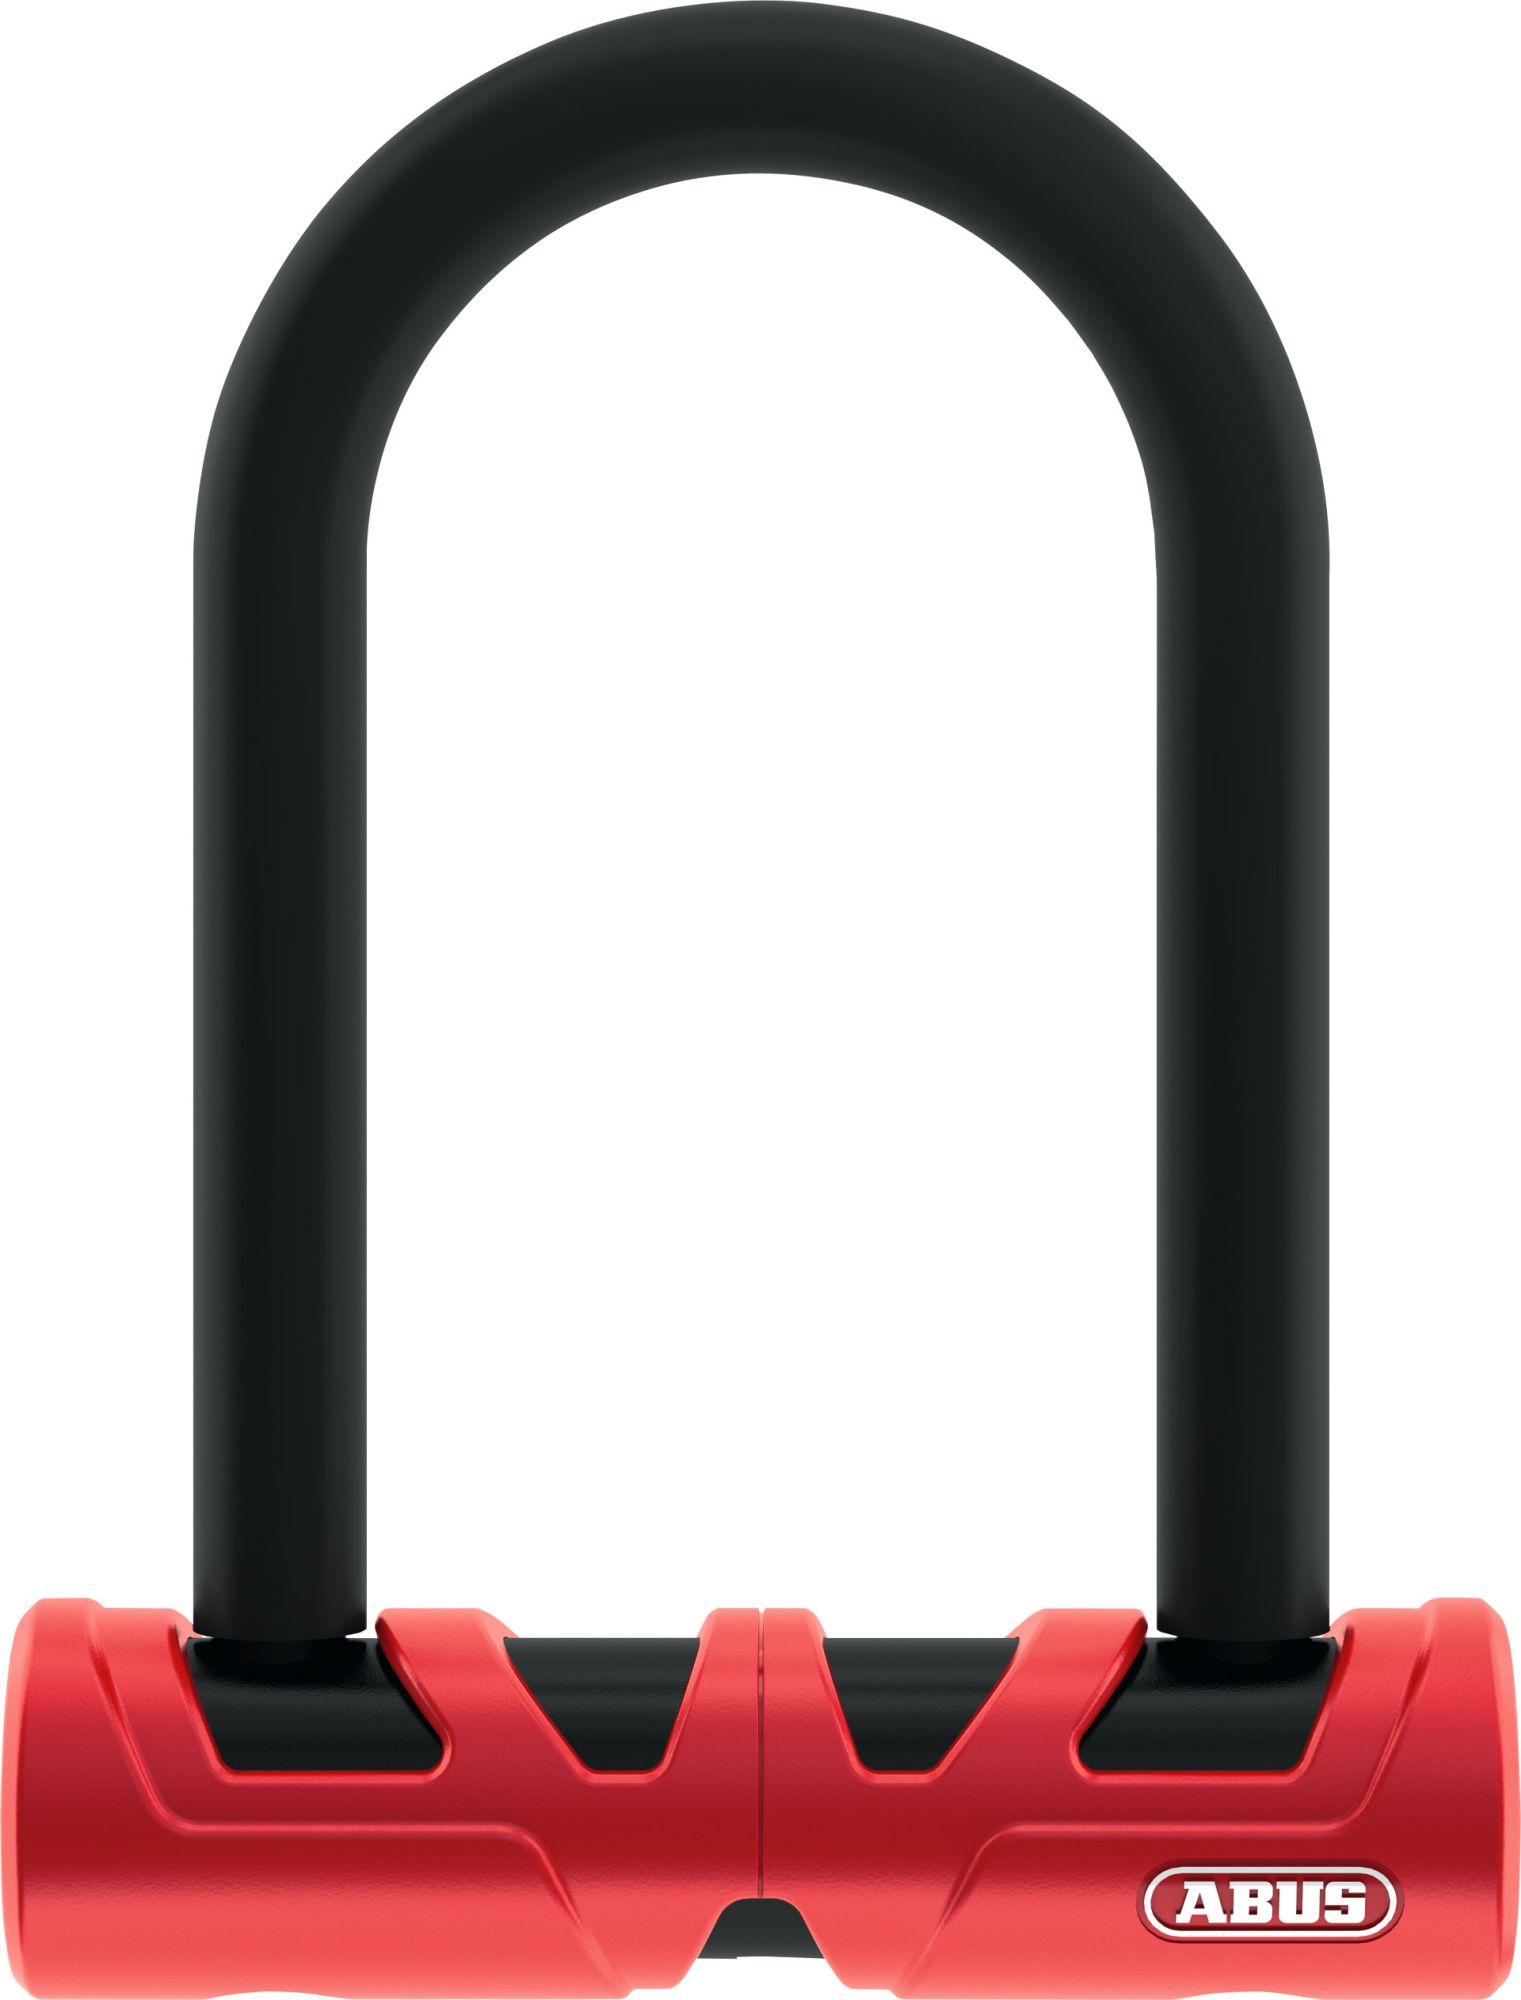 bügelschlösser/Schlösser: Abus  Bügelschloss Ultimate 420150 + USH